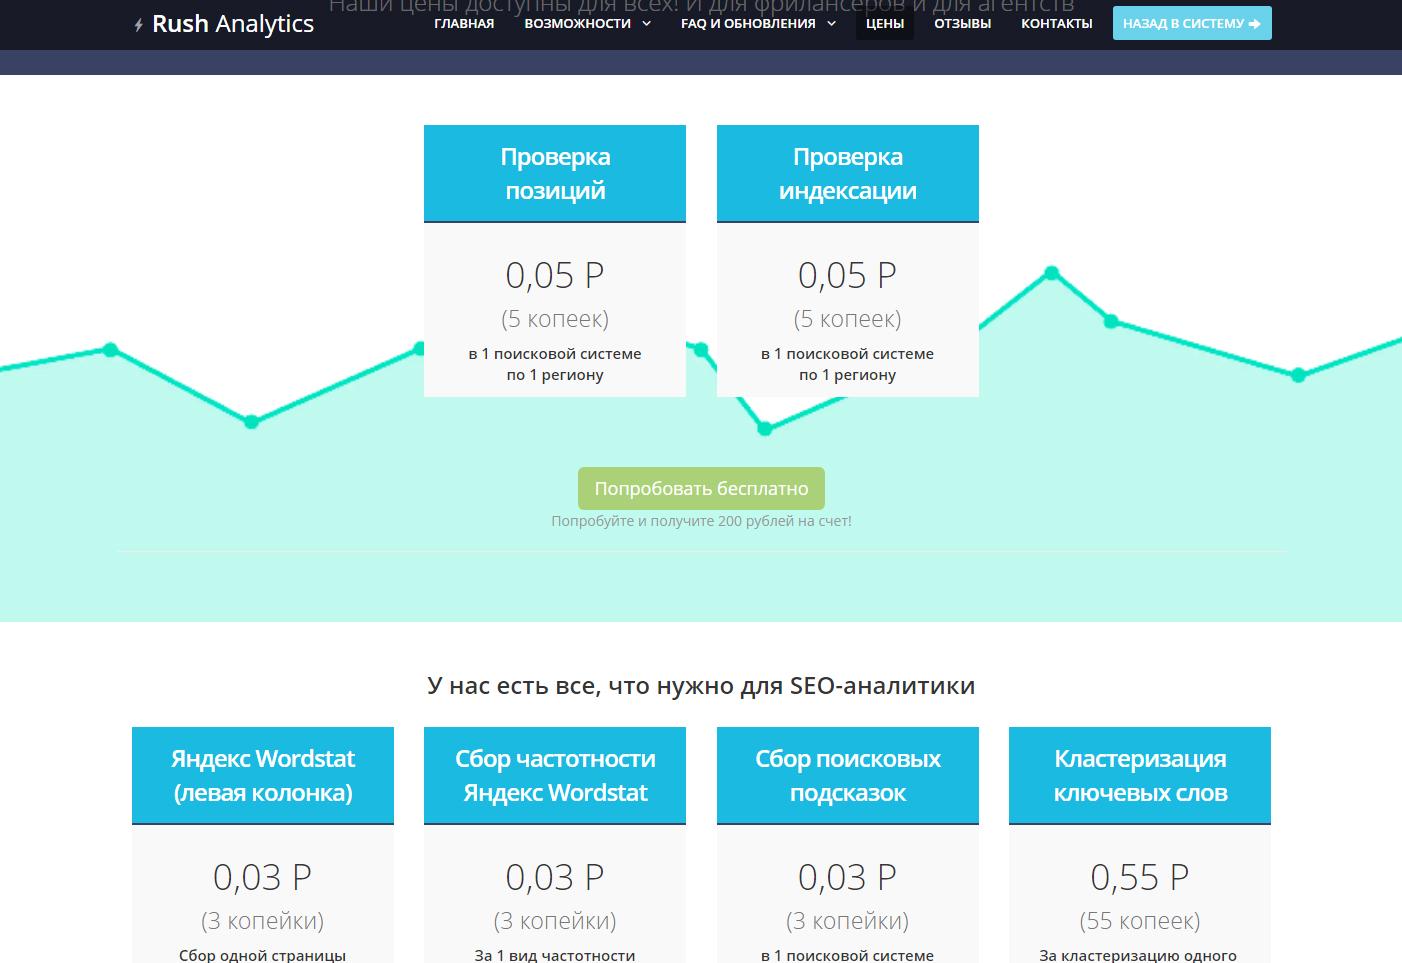 Rush Analytics составление семантического ядра онлайн